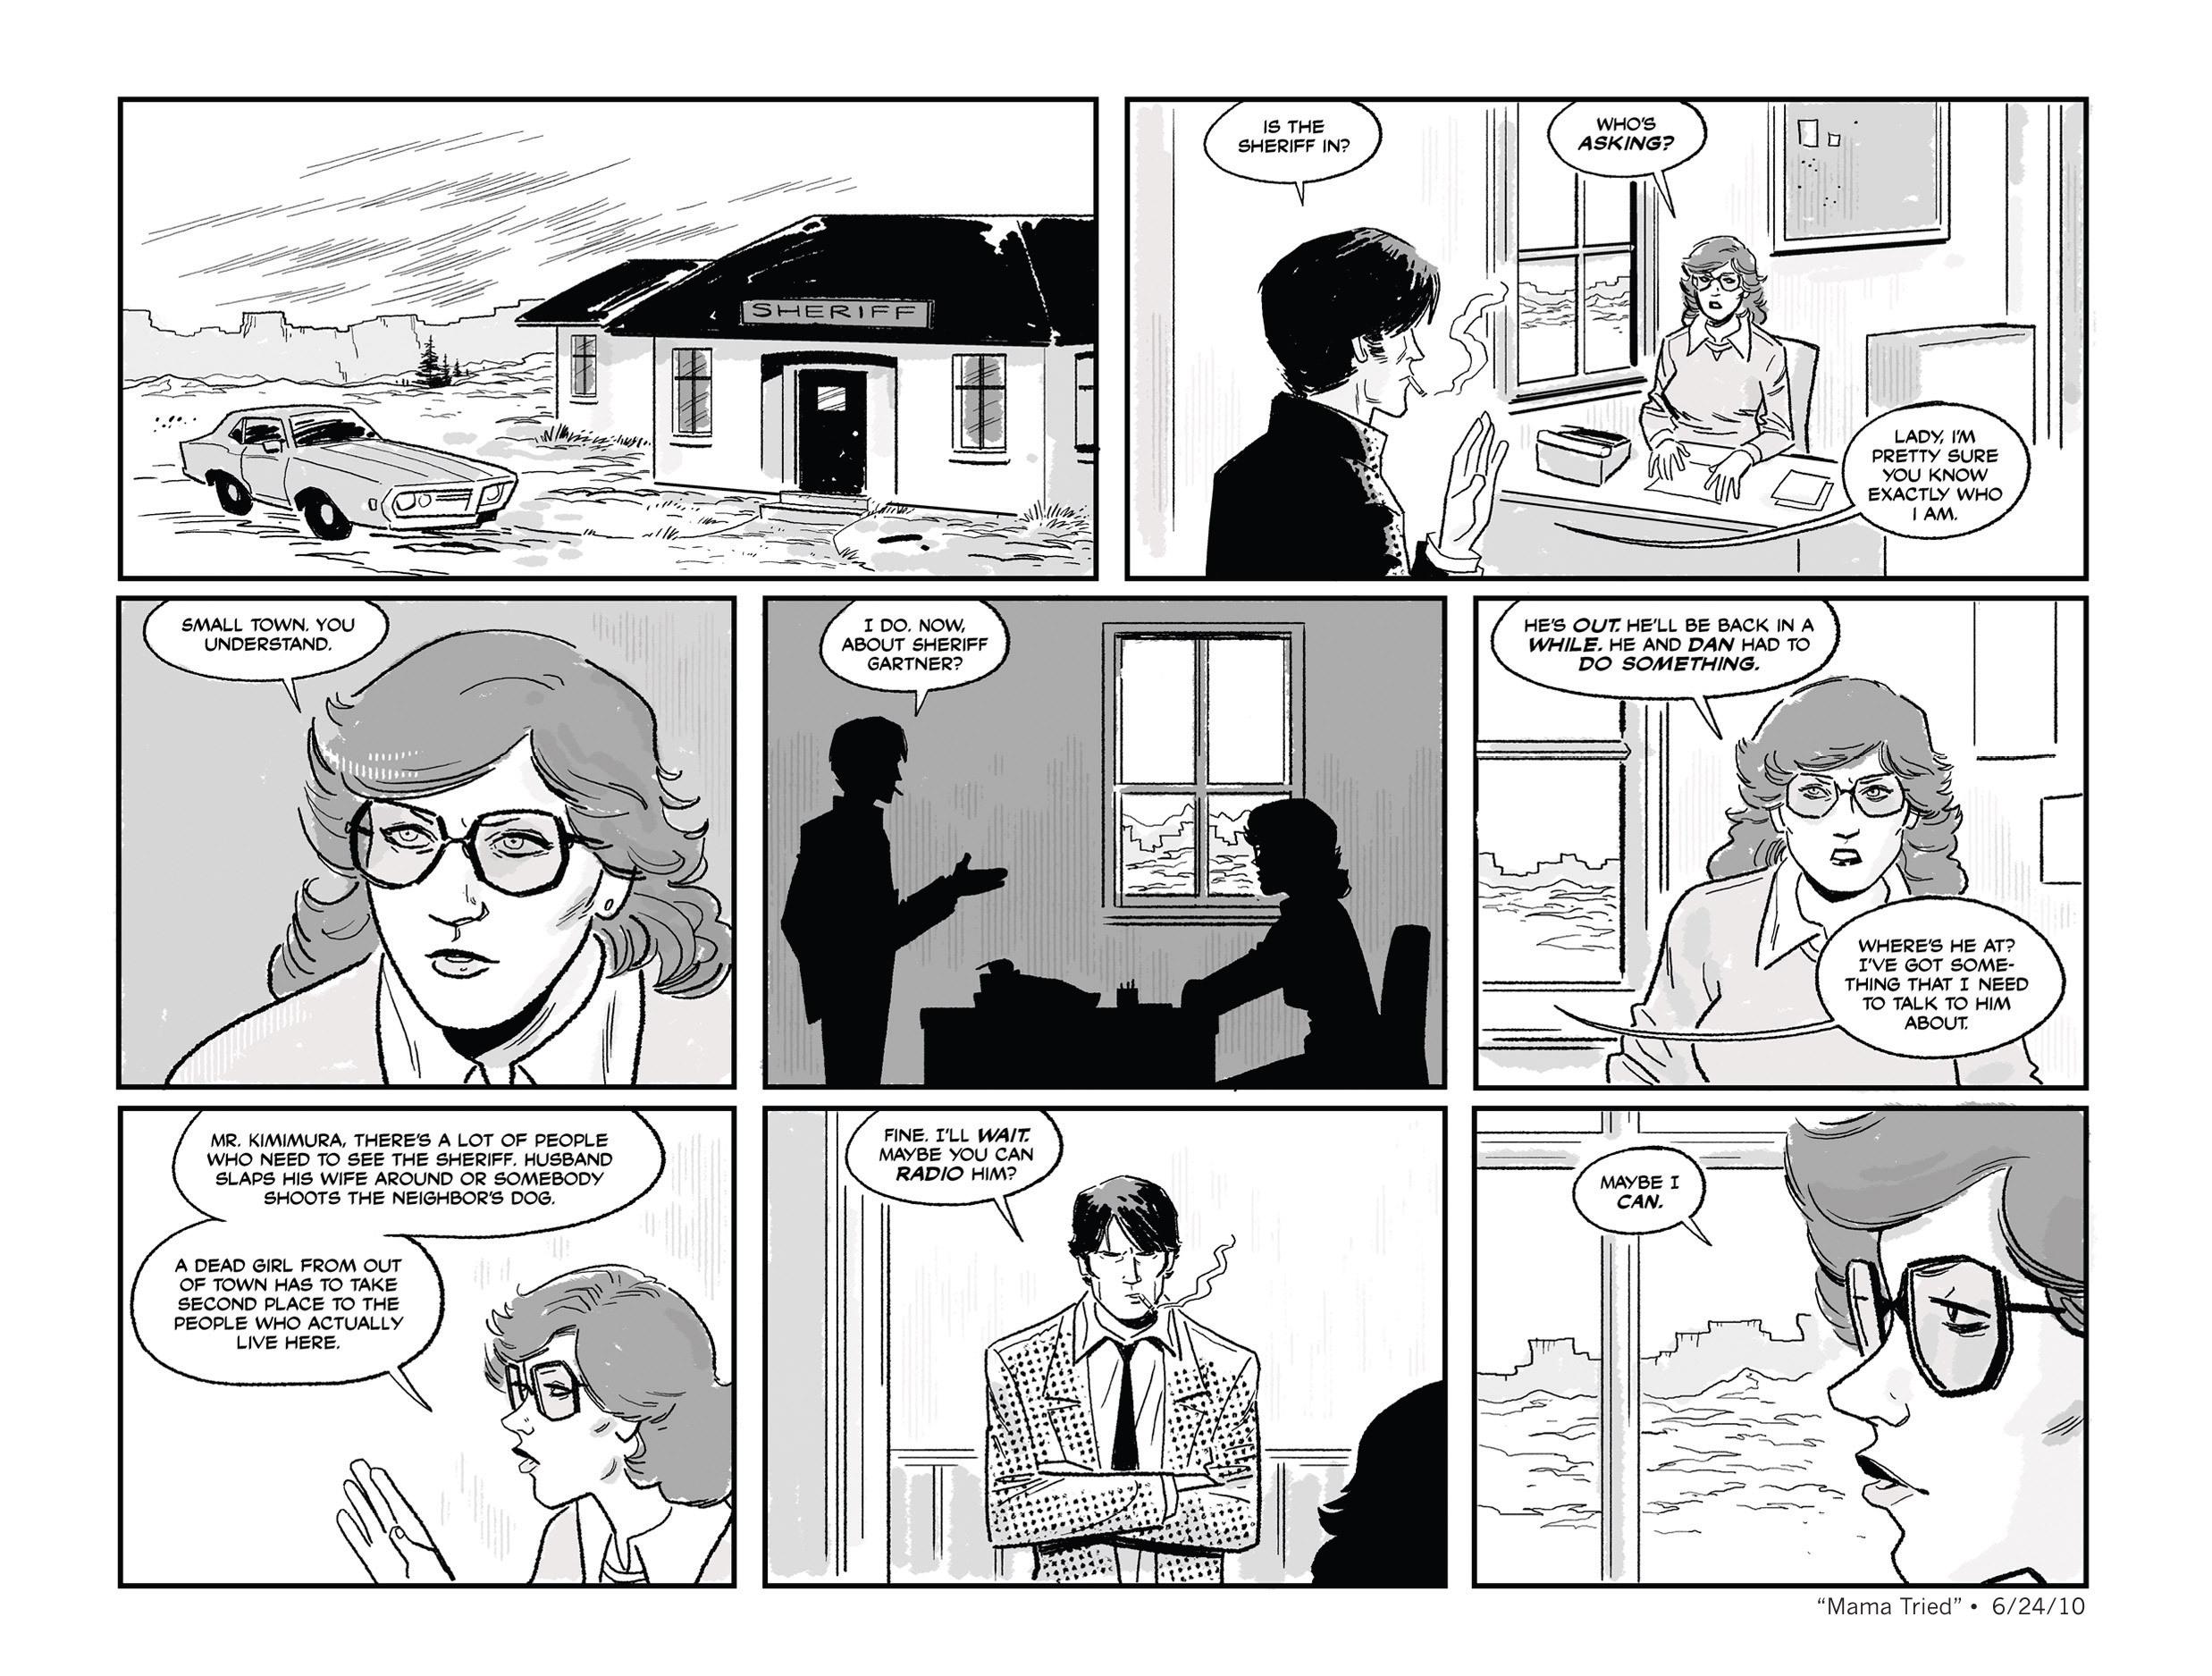 Read online She Died In Terrebonne comic -  Issue #3 - 7